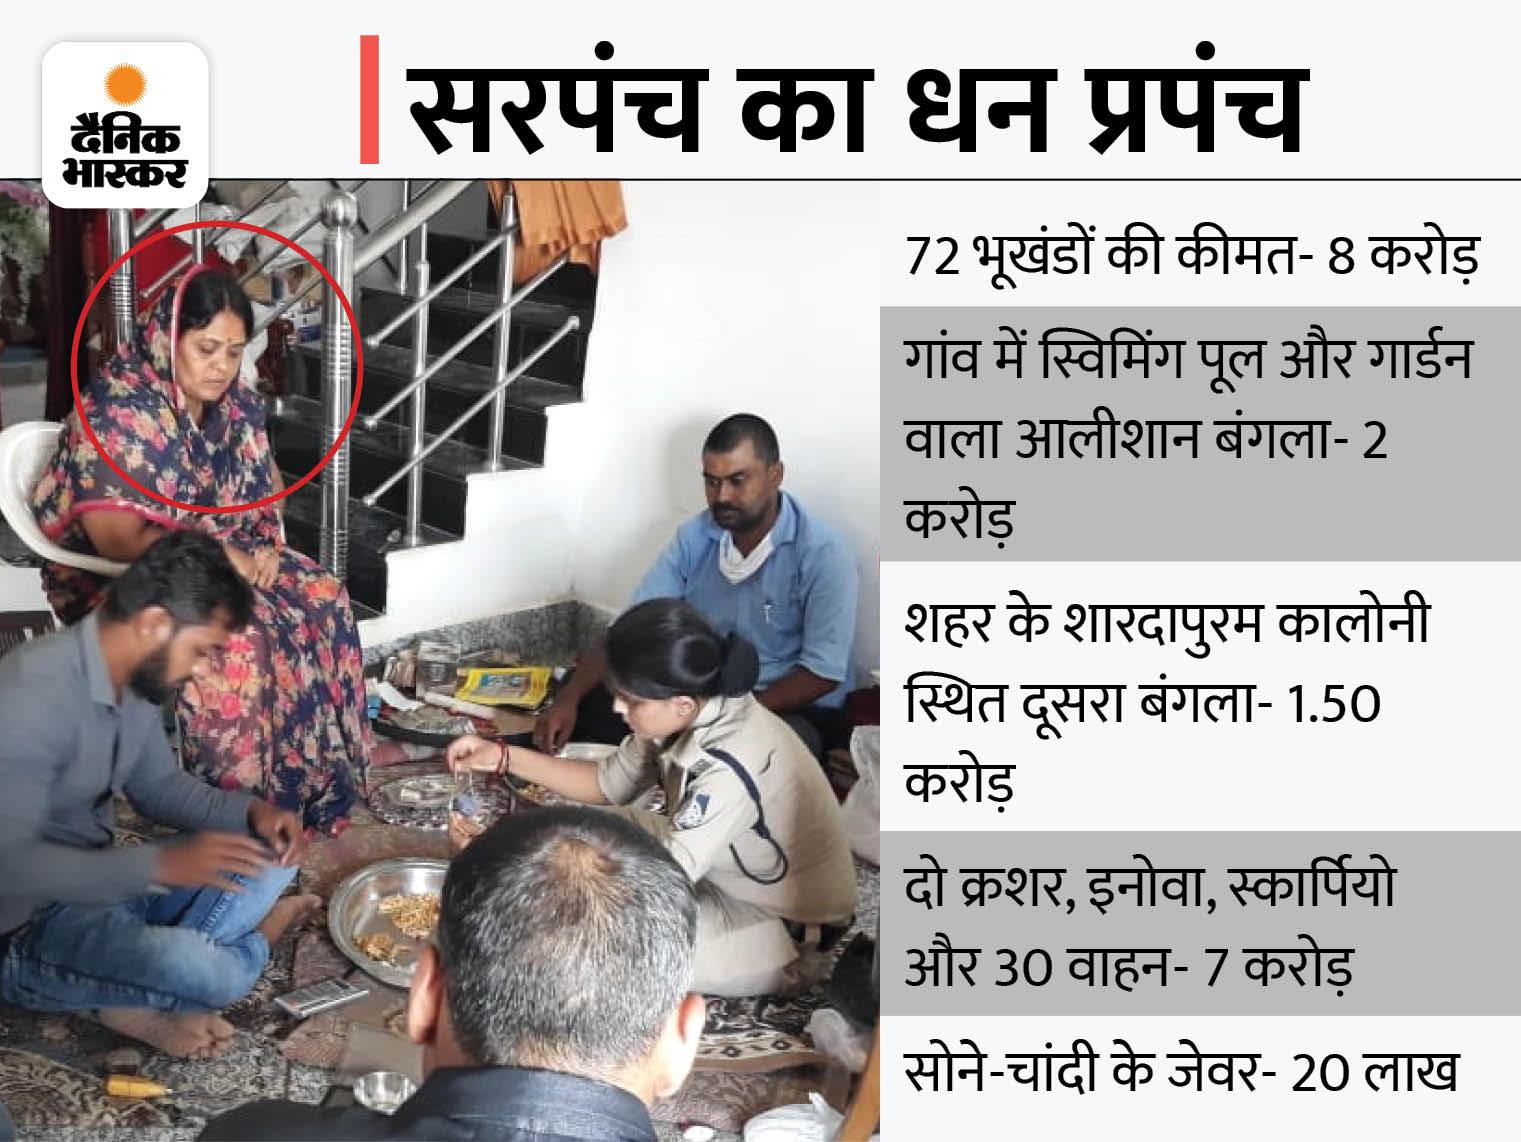 72 जमीनों की रजिस्ट्रियों के पन्ने पलटते-पलटते थक गए लोकायुक्त के अफसर; 8 करोड़ रुपए है इनकी कीमत|रीवा,Rewa - Dainik Bhaskar